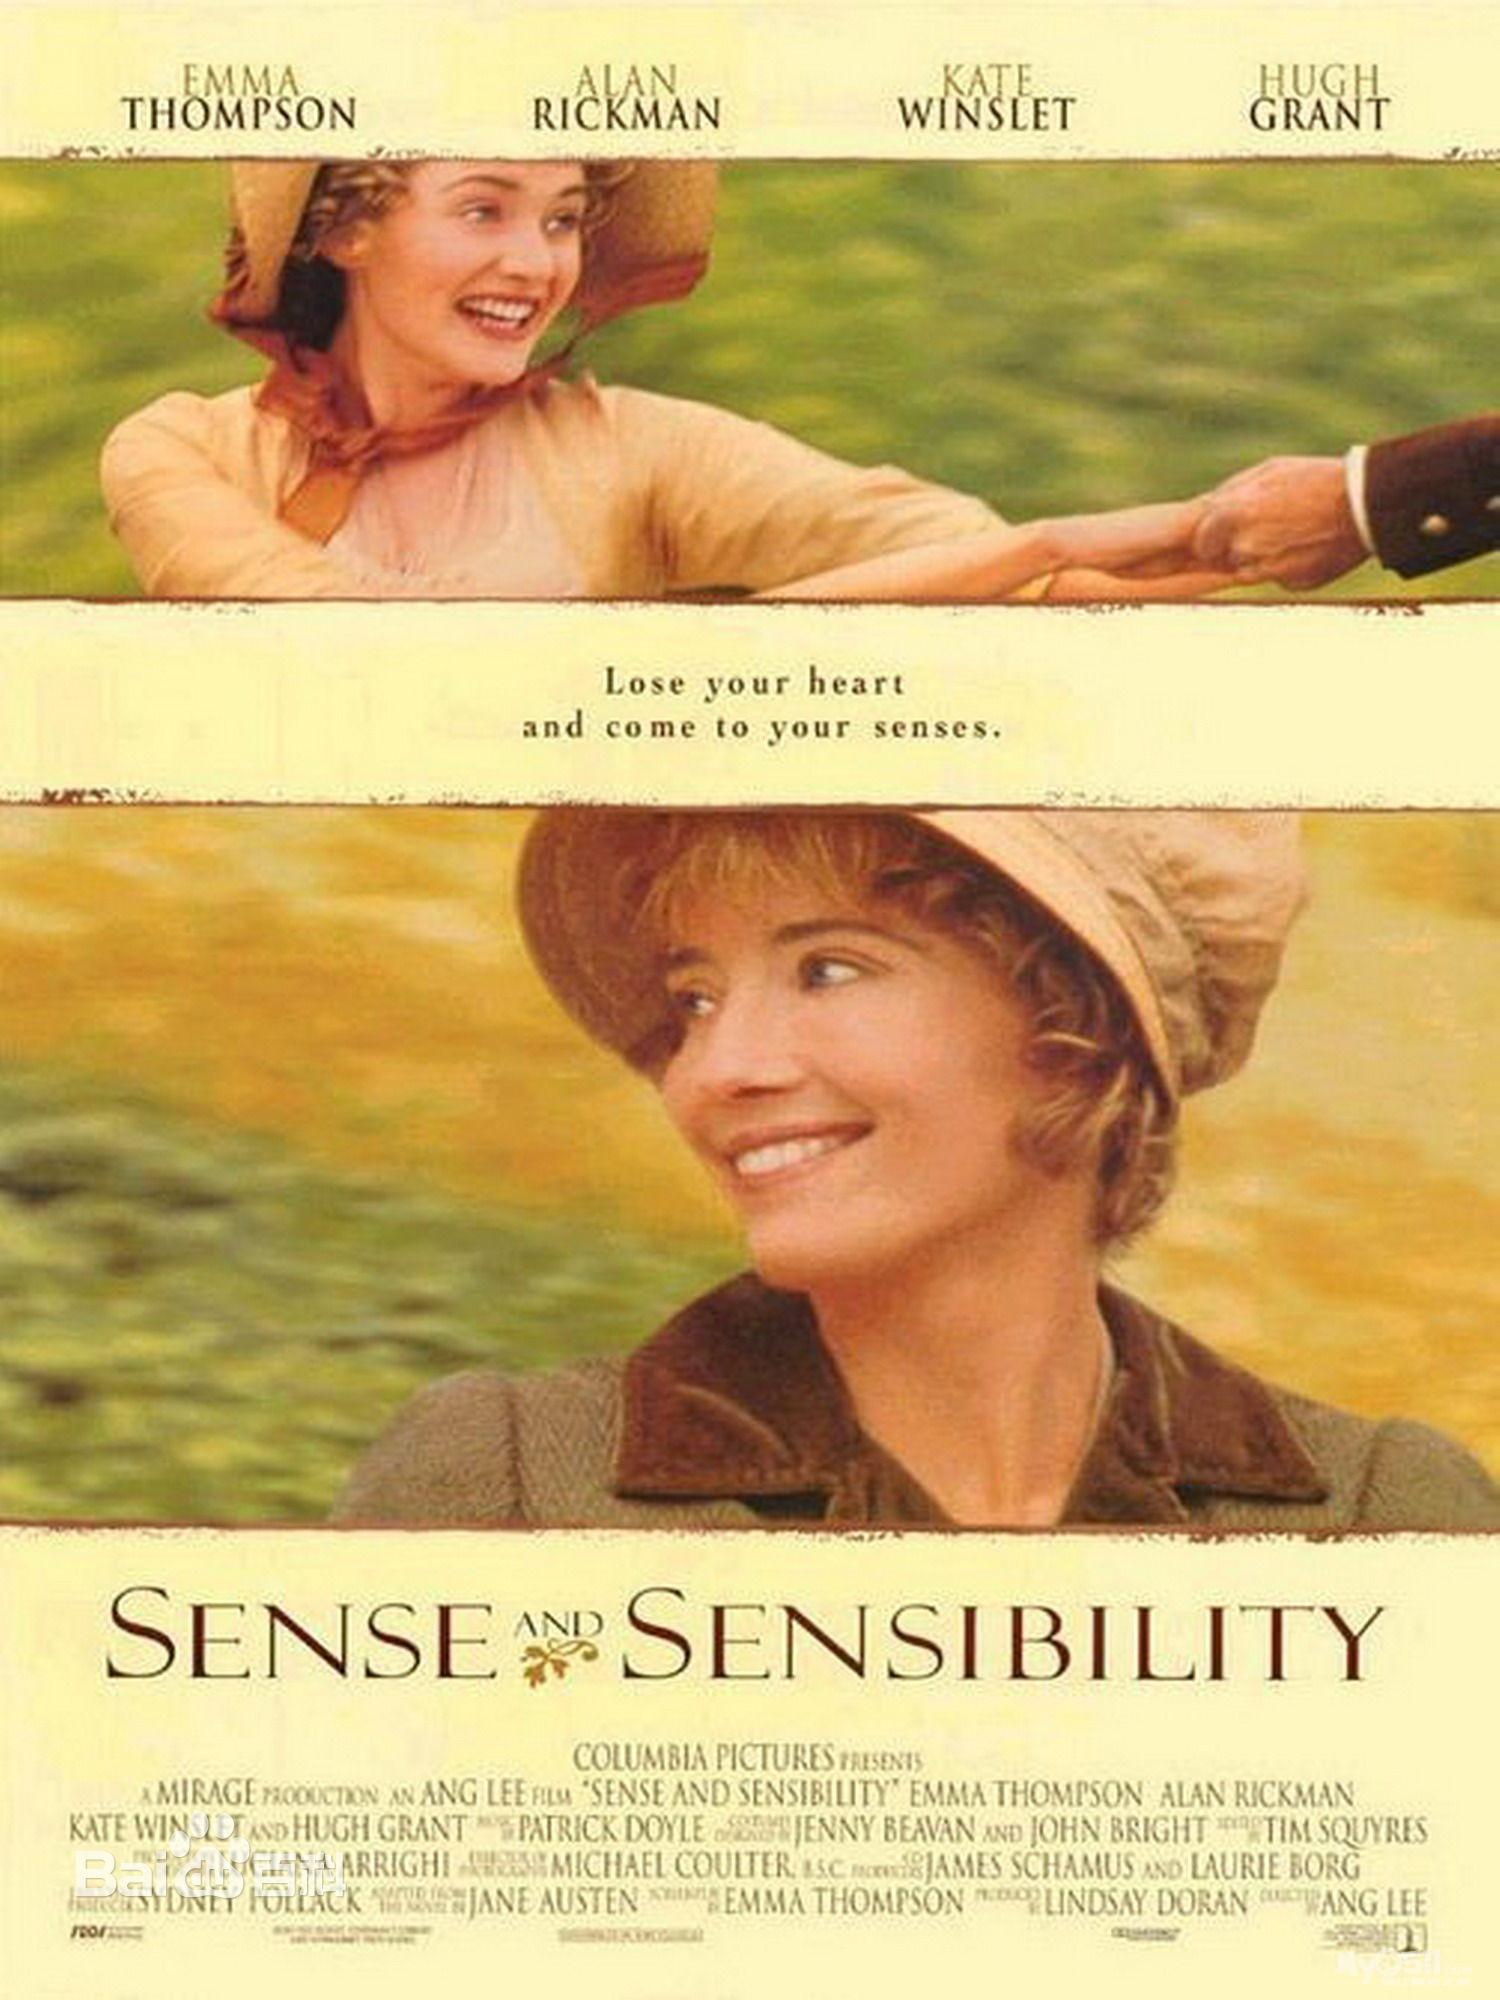 女性必看的经典电影征集中 愿天下女人拥有爱与温暖 电影传奇